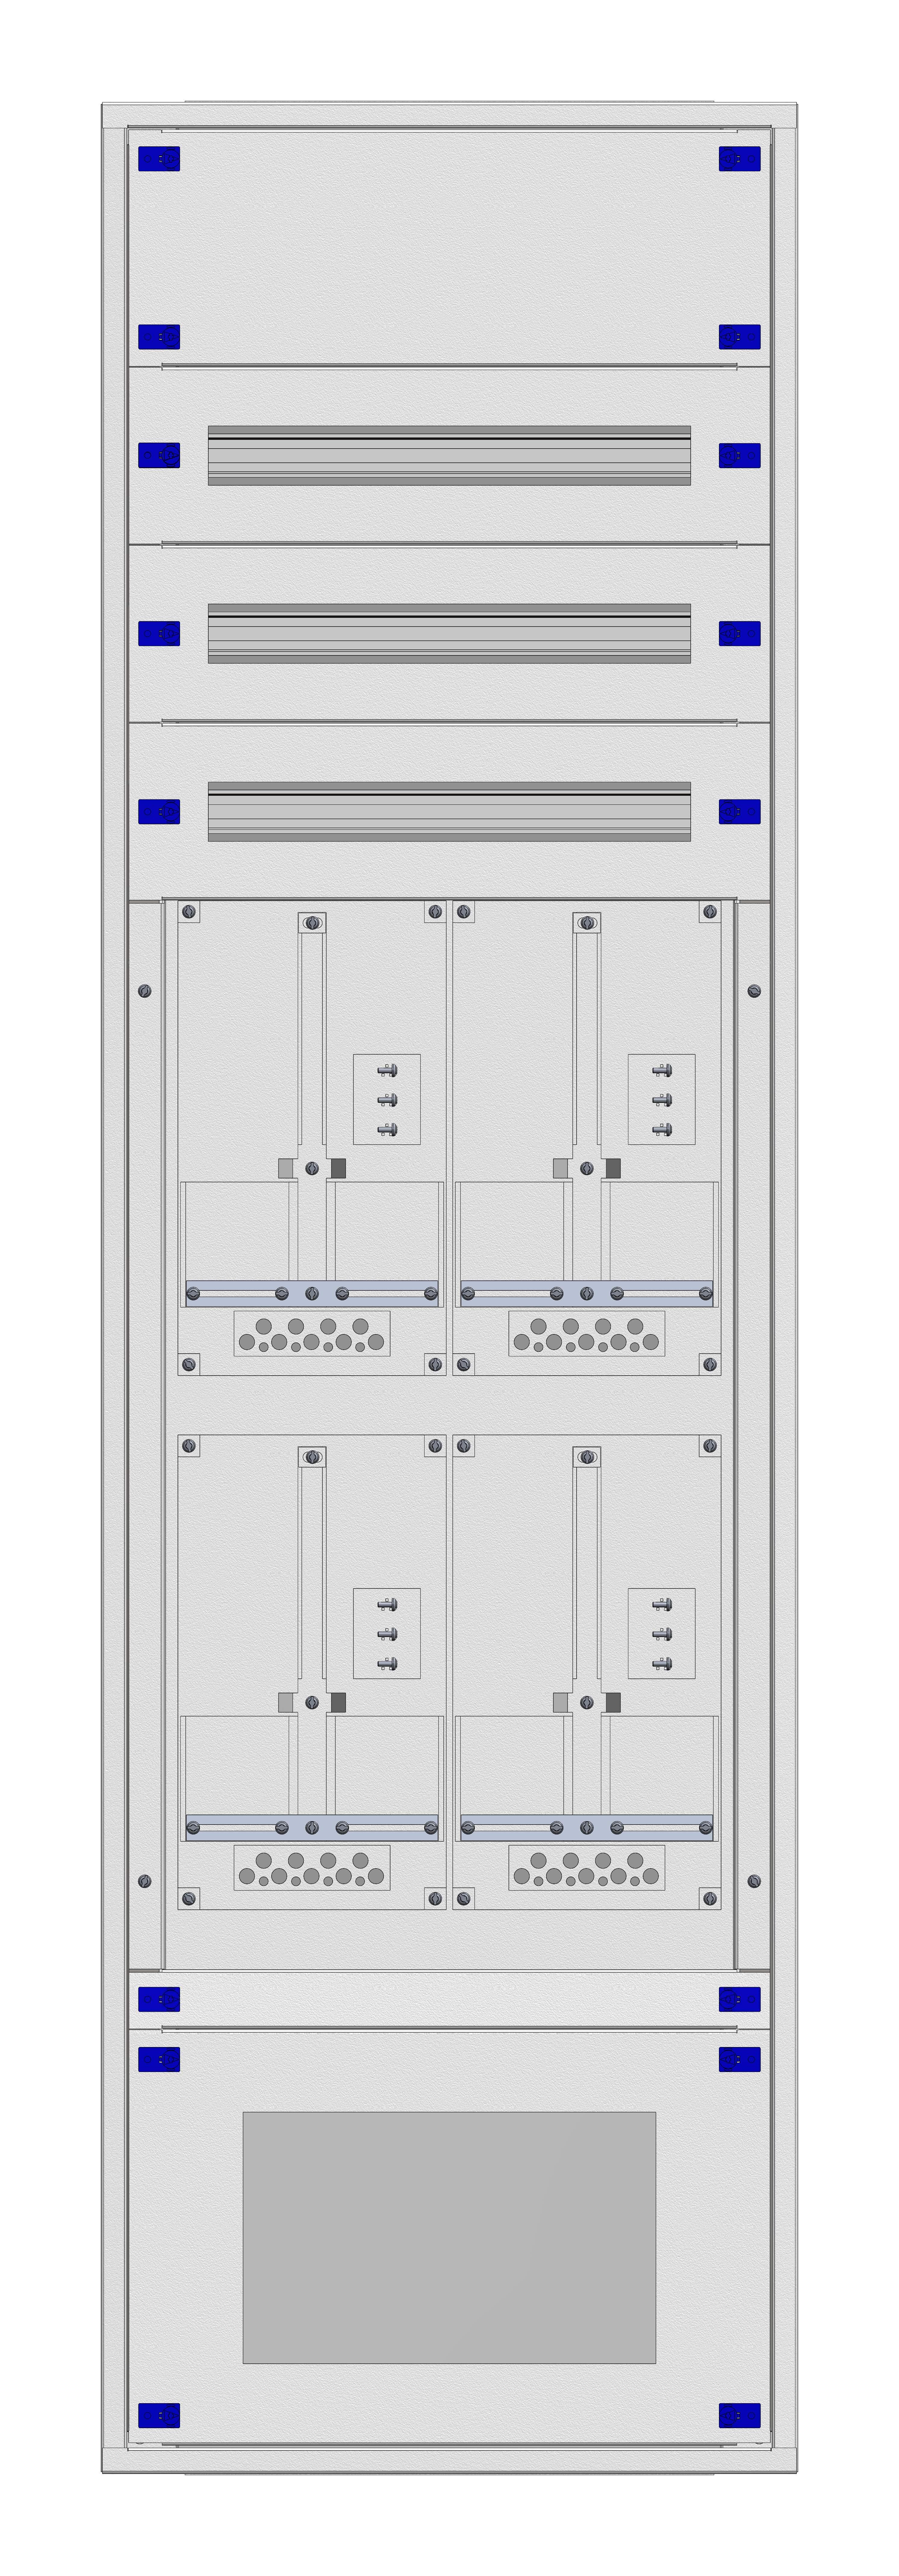 1 Stk Aufputz-Zählerverteiler 2A-39G/VBG 4ZP, H1885B590T250mm IL162239VS